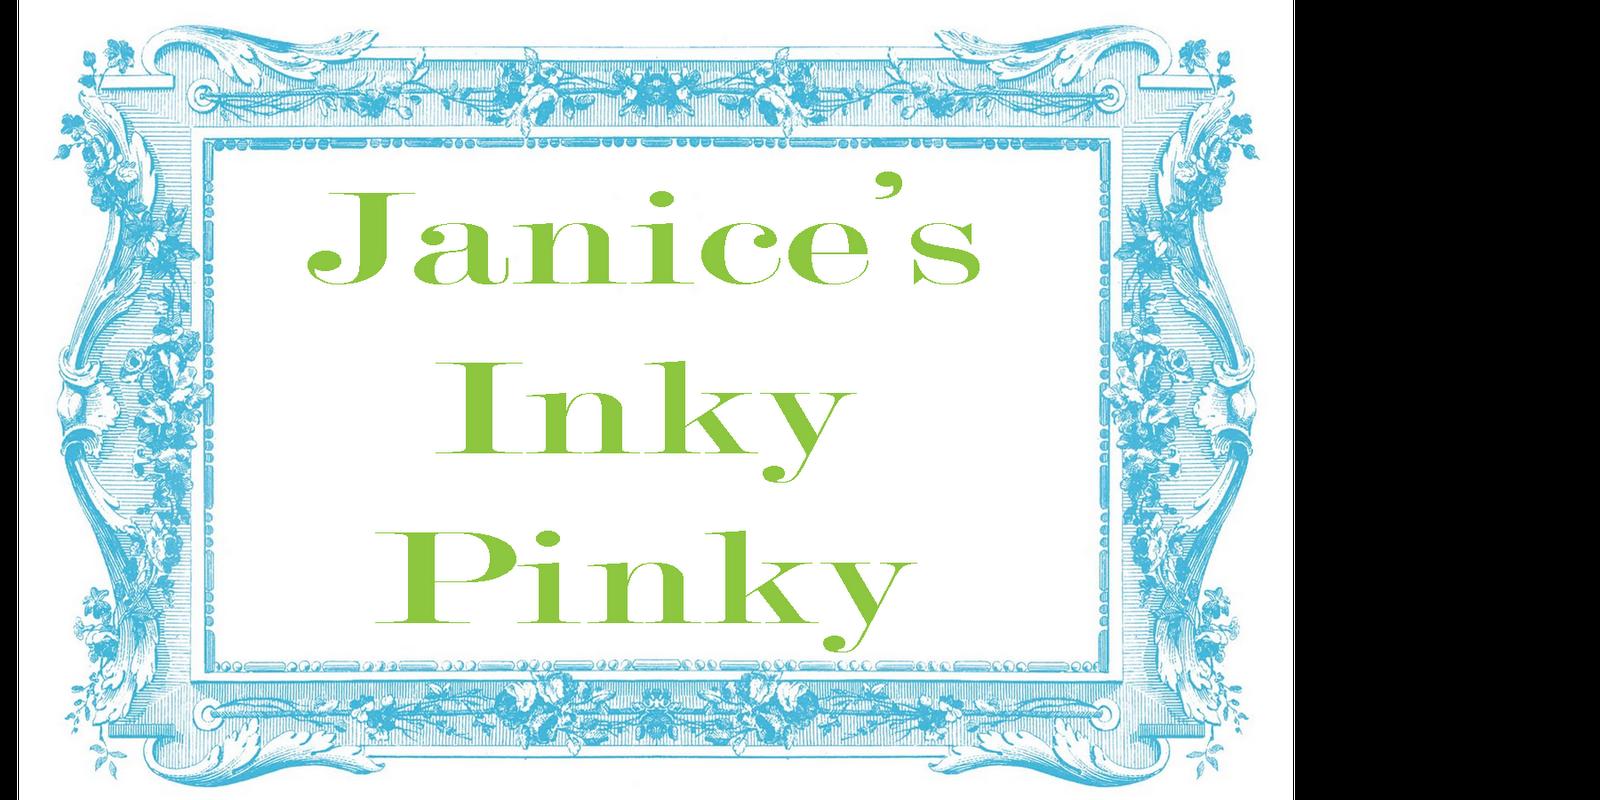 Janice's Inky Pinky